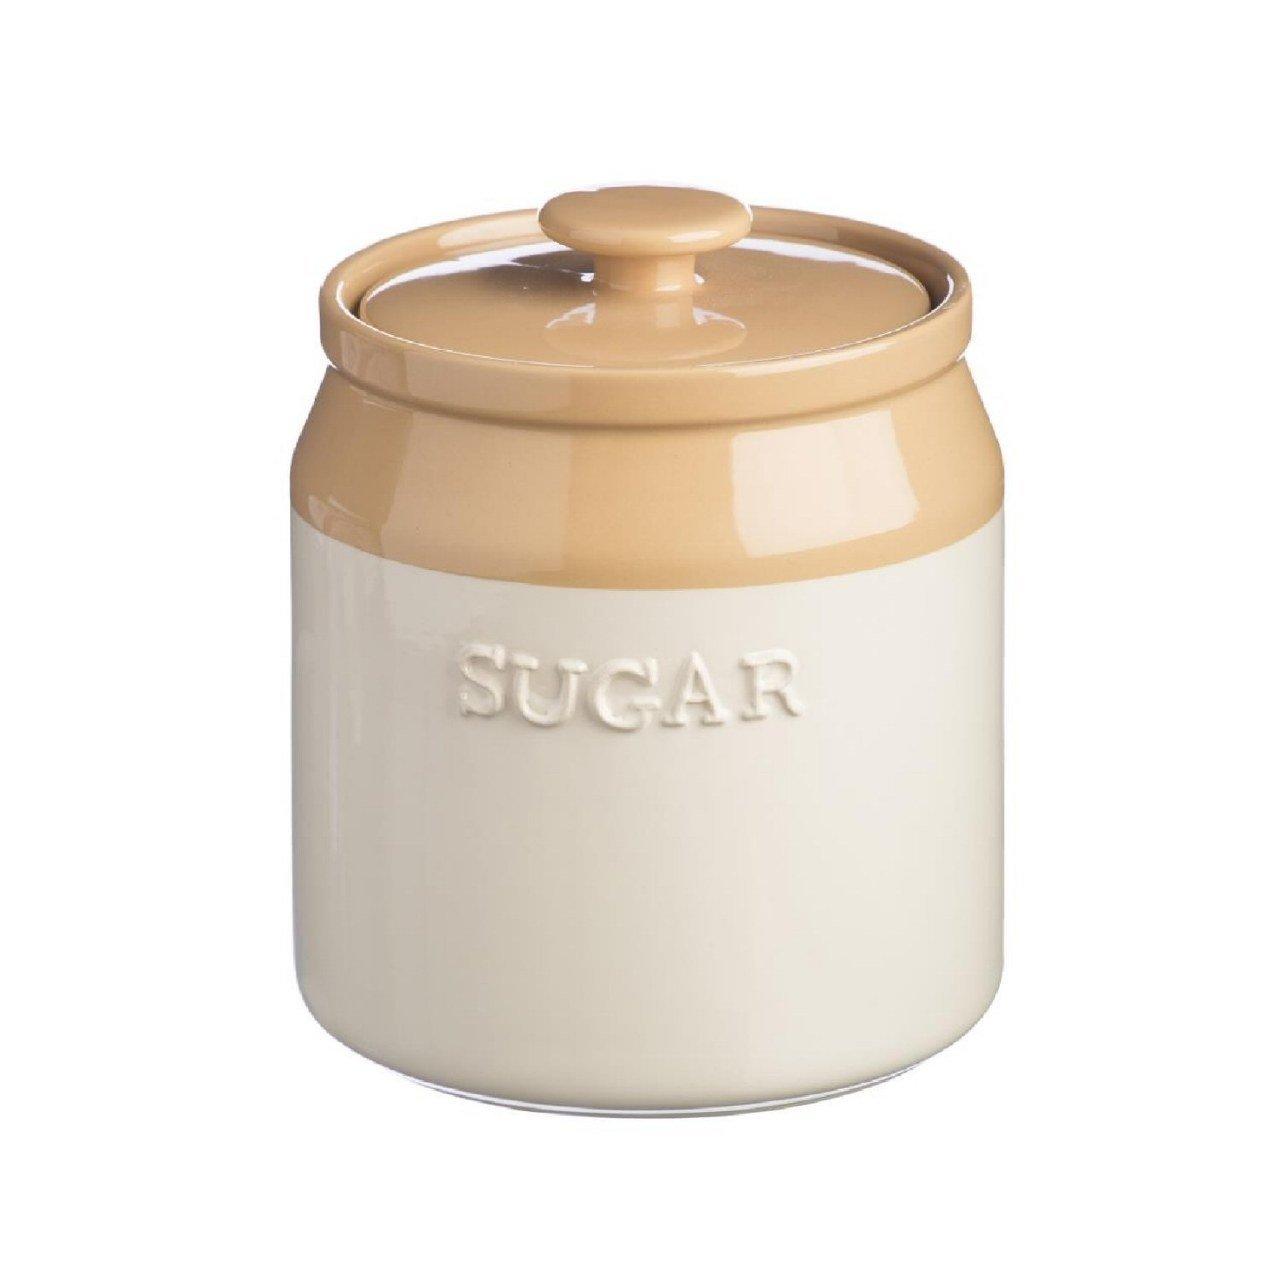 Mason Cash Cane Stoneware Sugar Jar, 1-1/4-Quarts